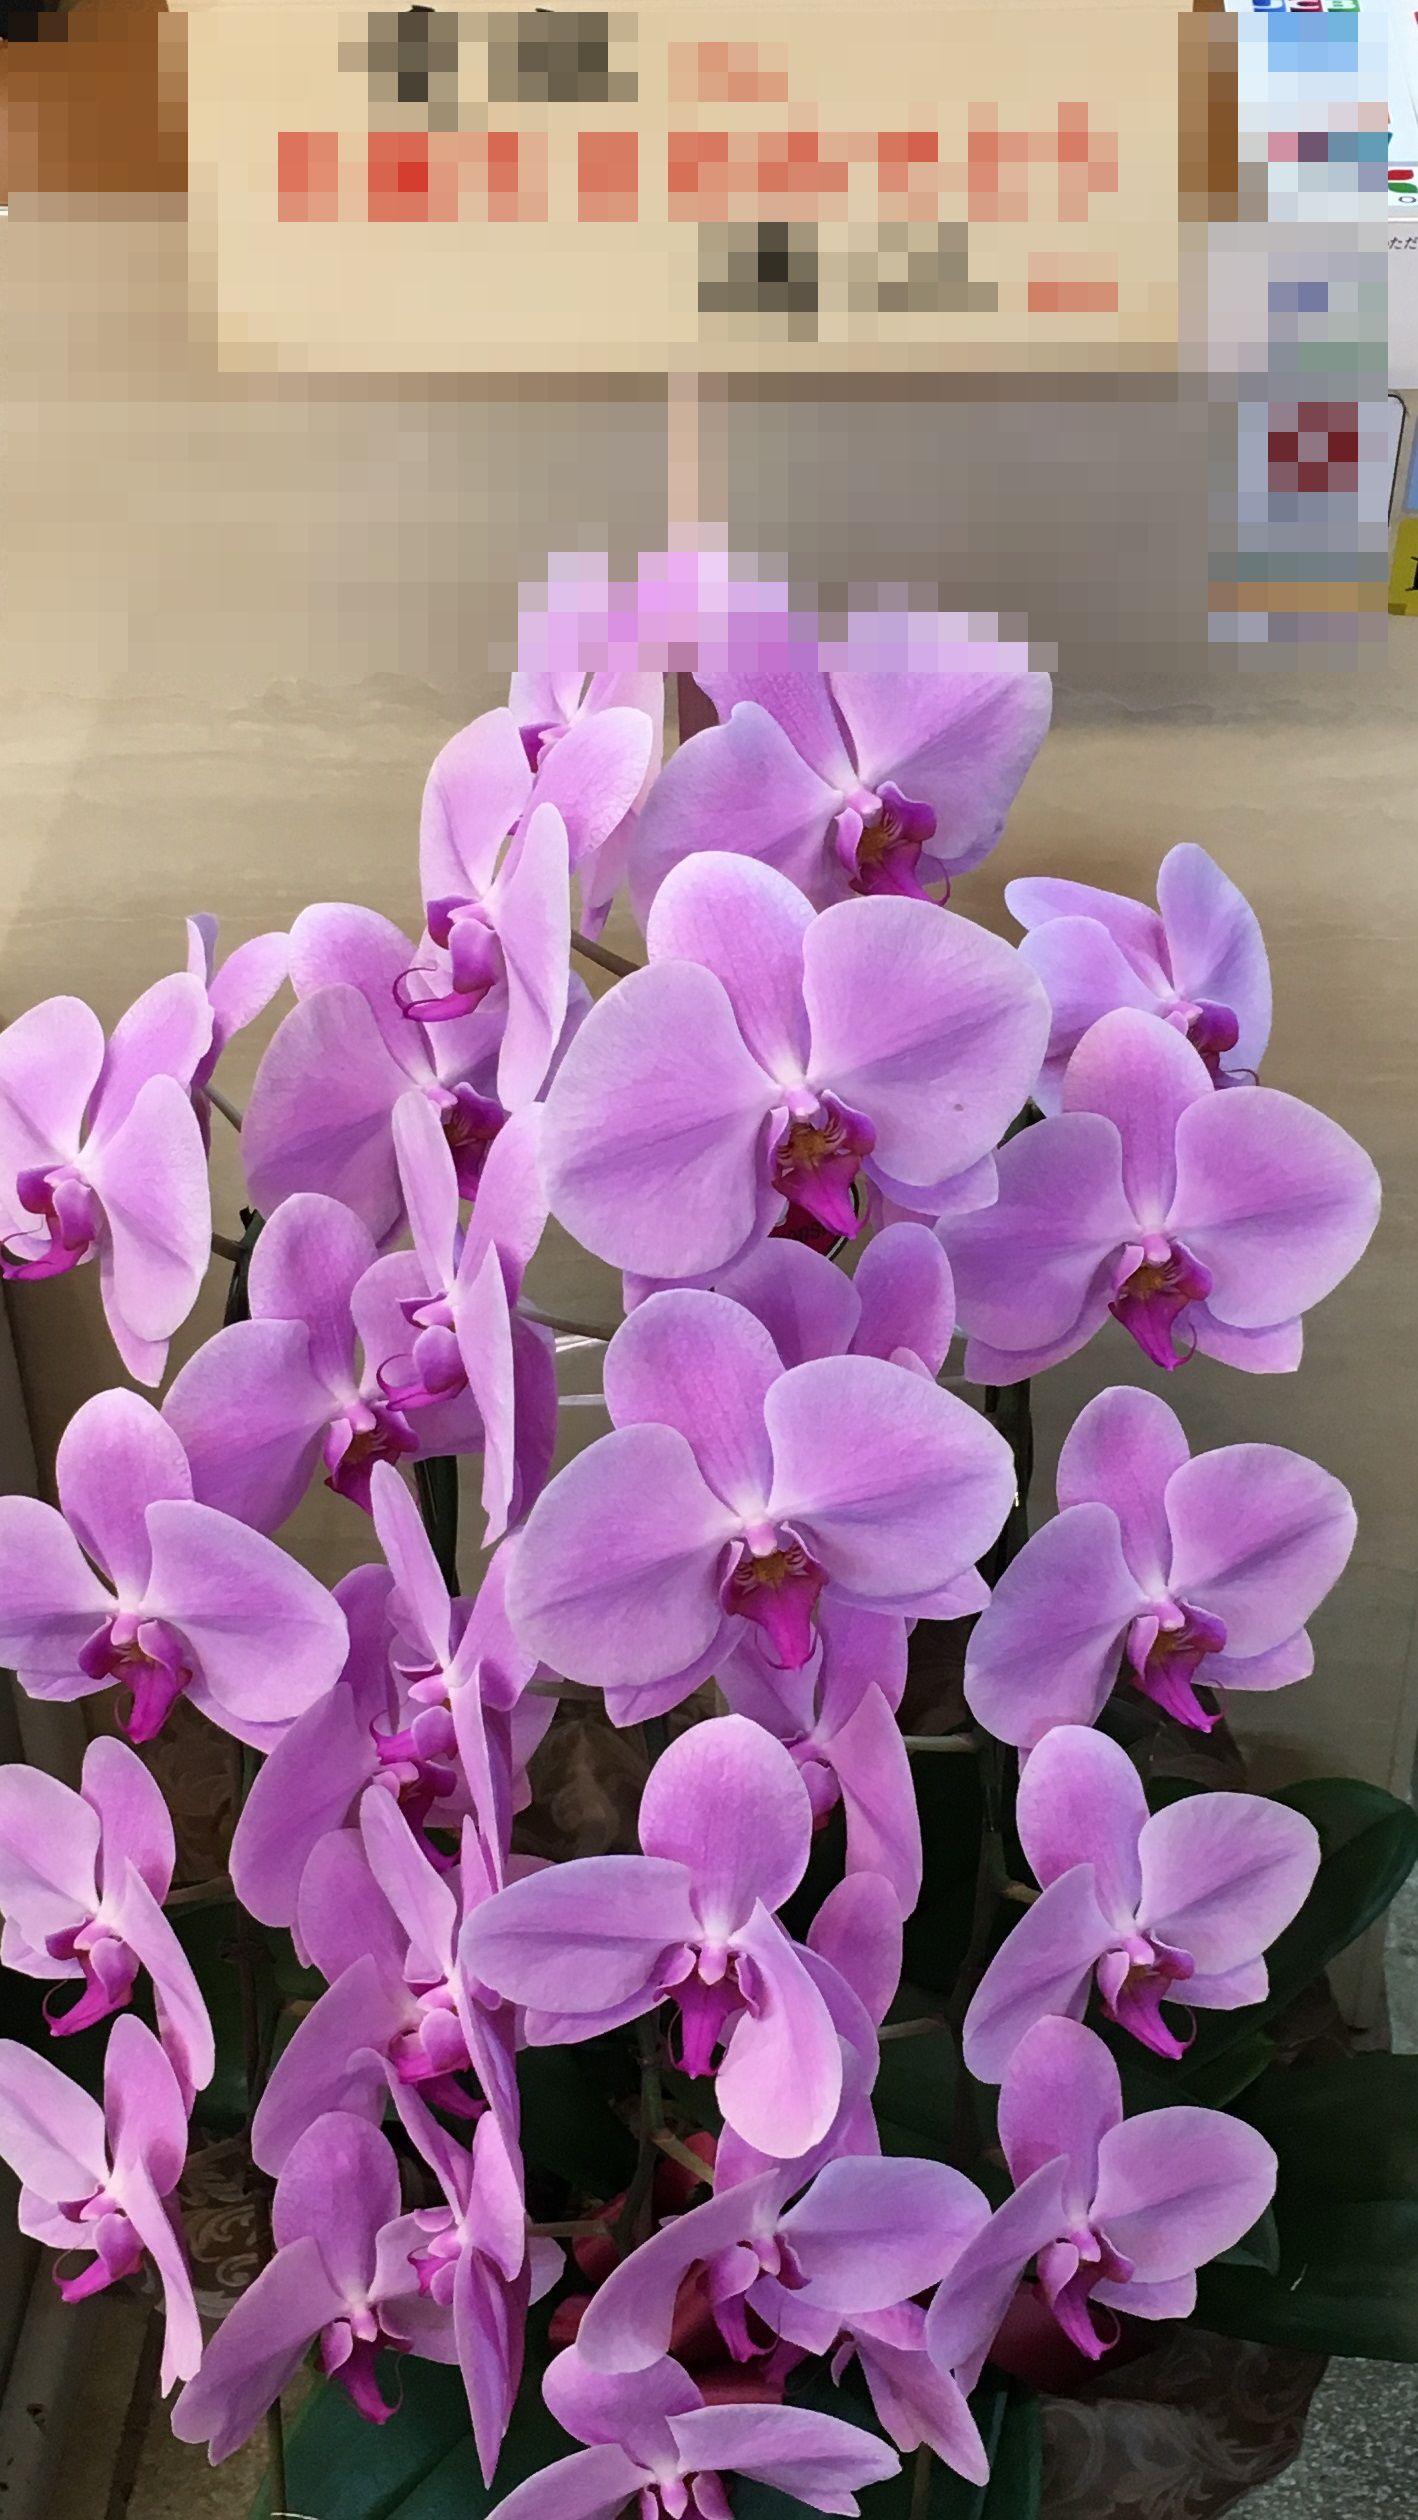 【ナオ花屋の納品事例86】横浜市関内の法人企業様へ胡蝶蘭を配達しました!